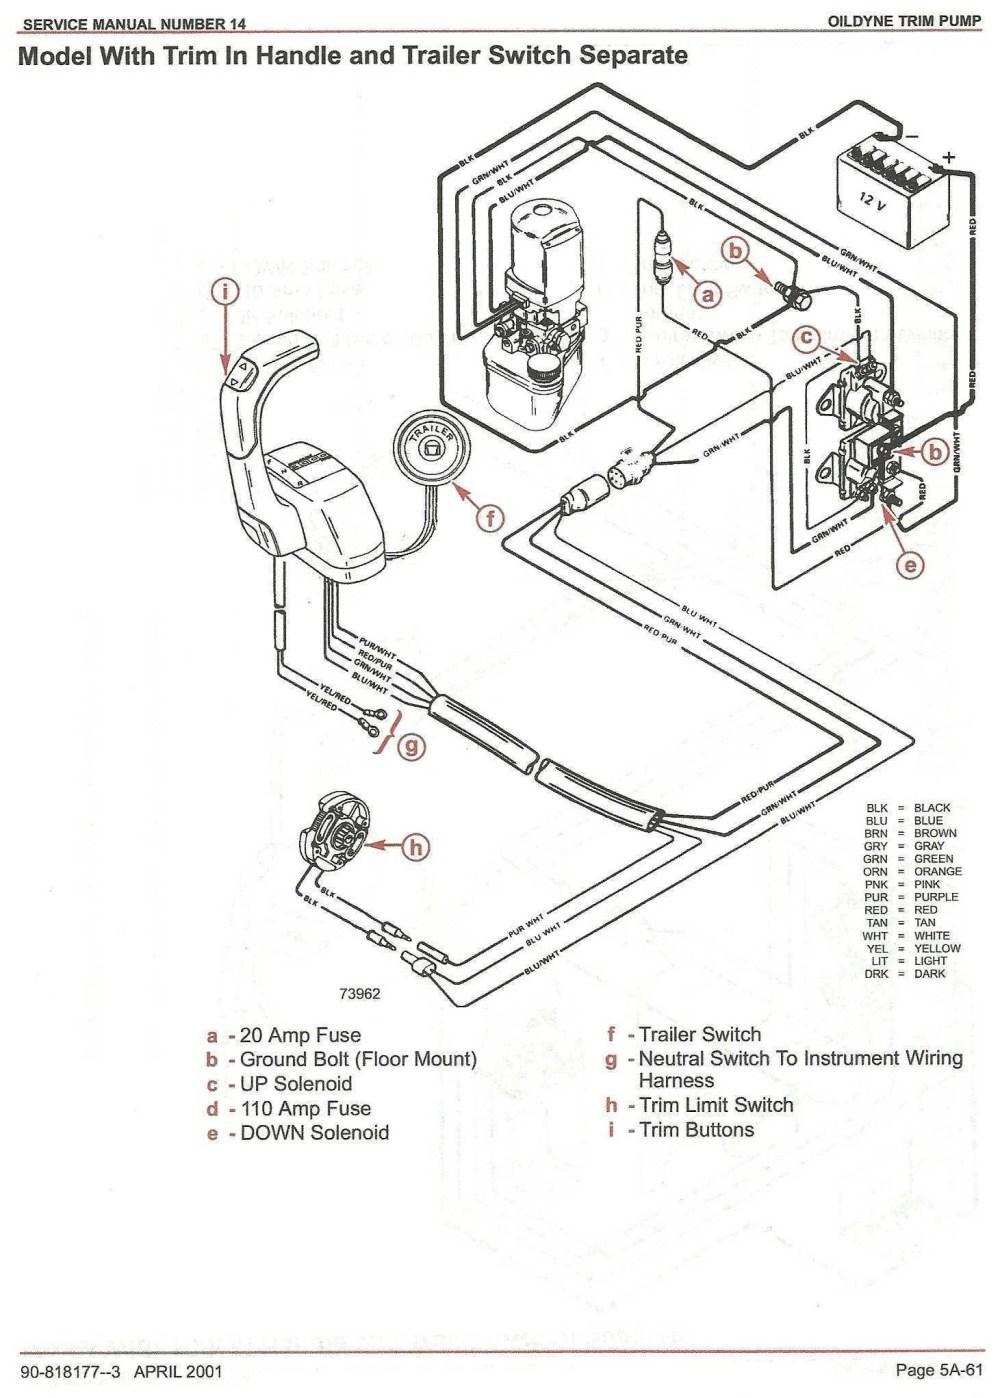 medium resolution of 24 volt 2wire trim system wiring diagram wiring diagram data schemawrg 7447 24 volt 2wire